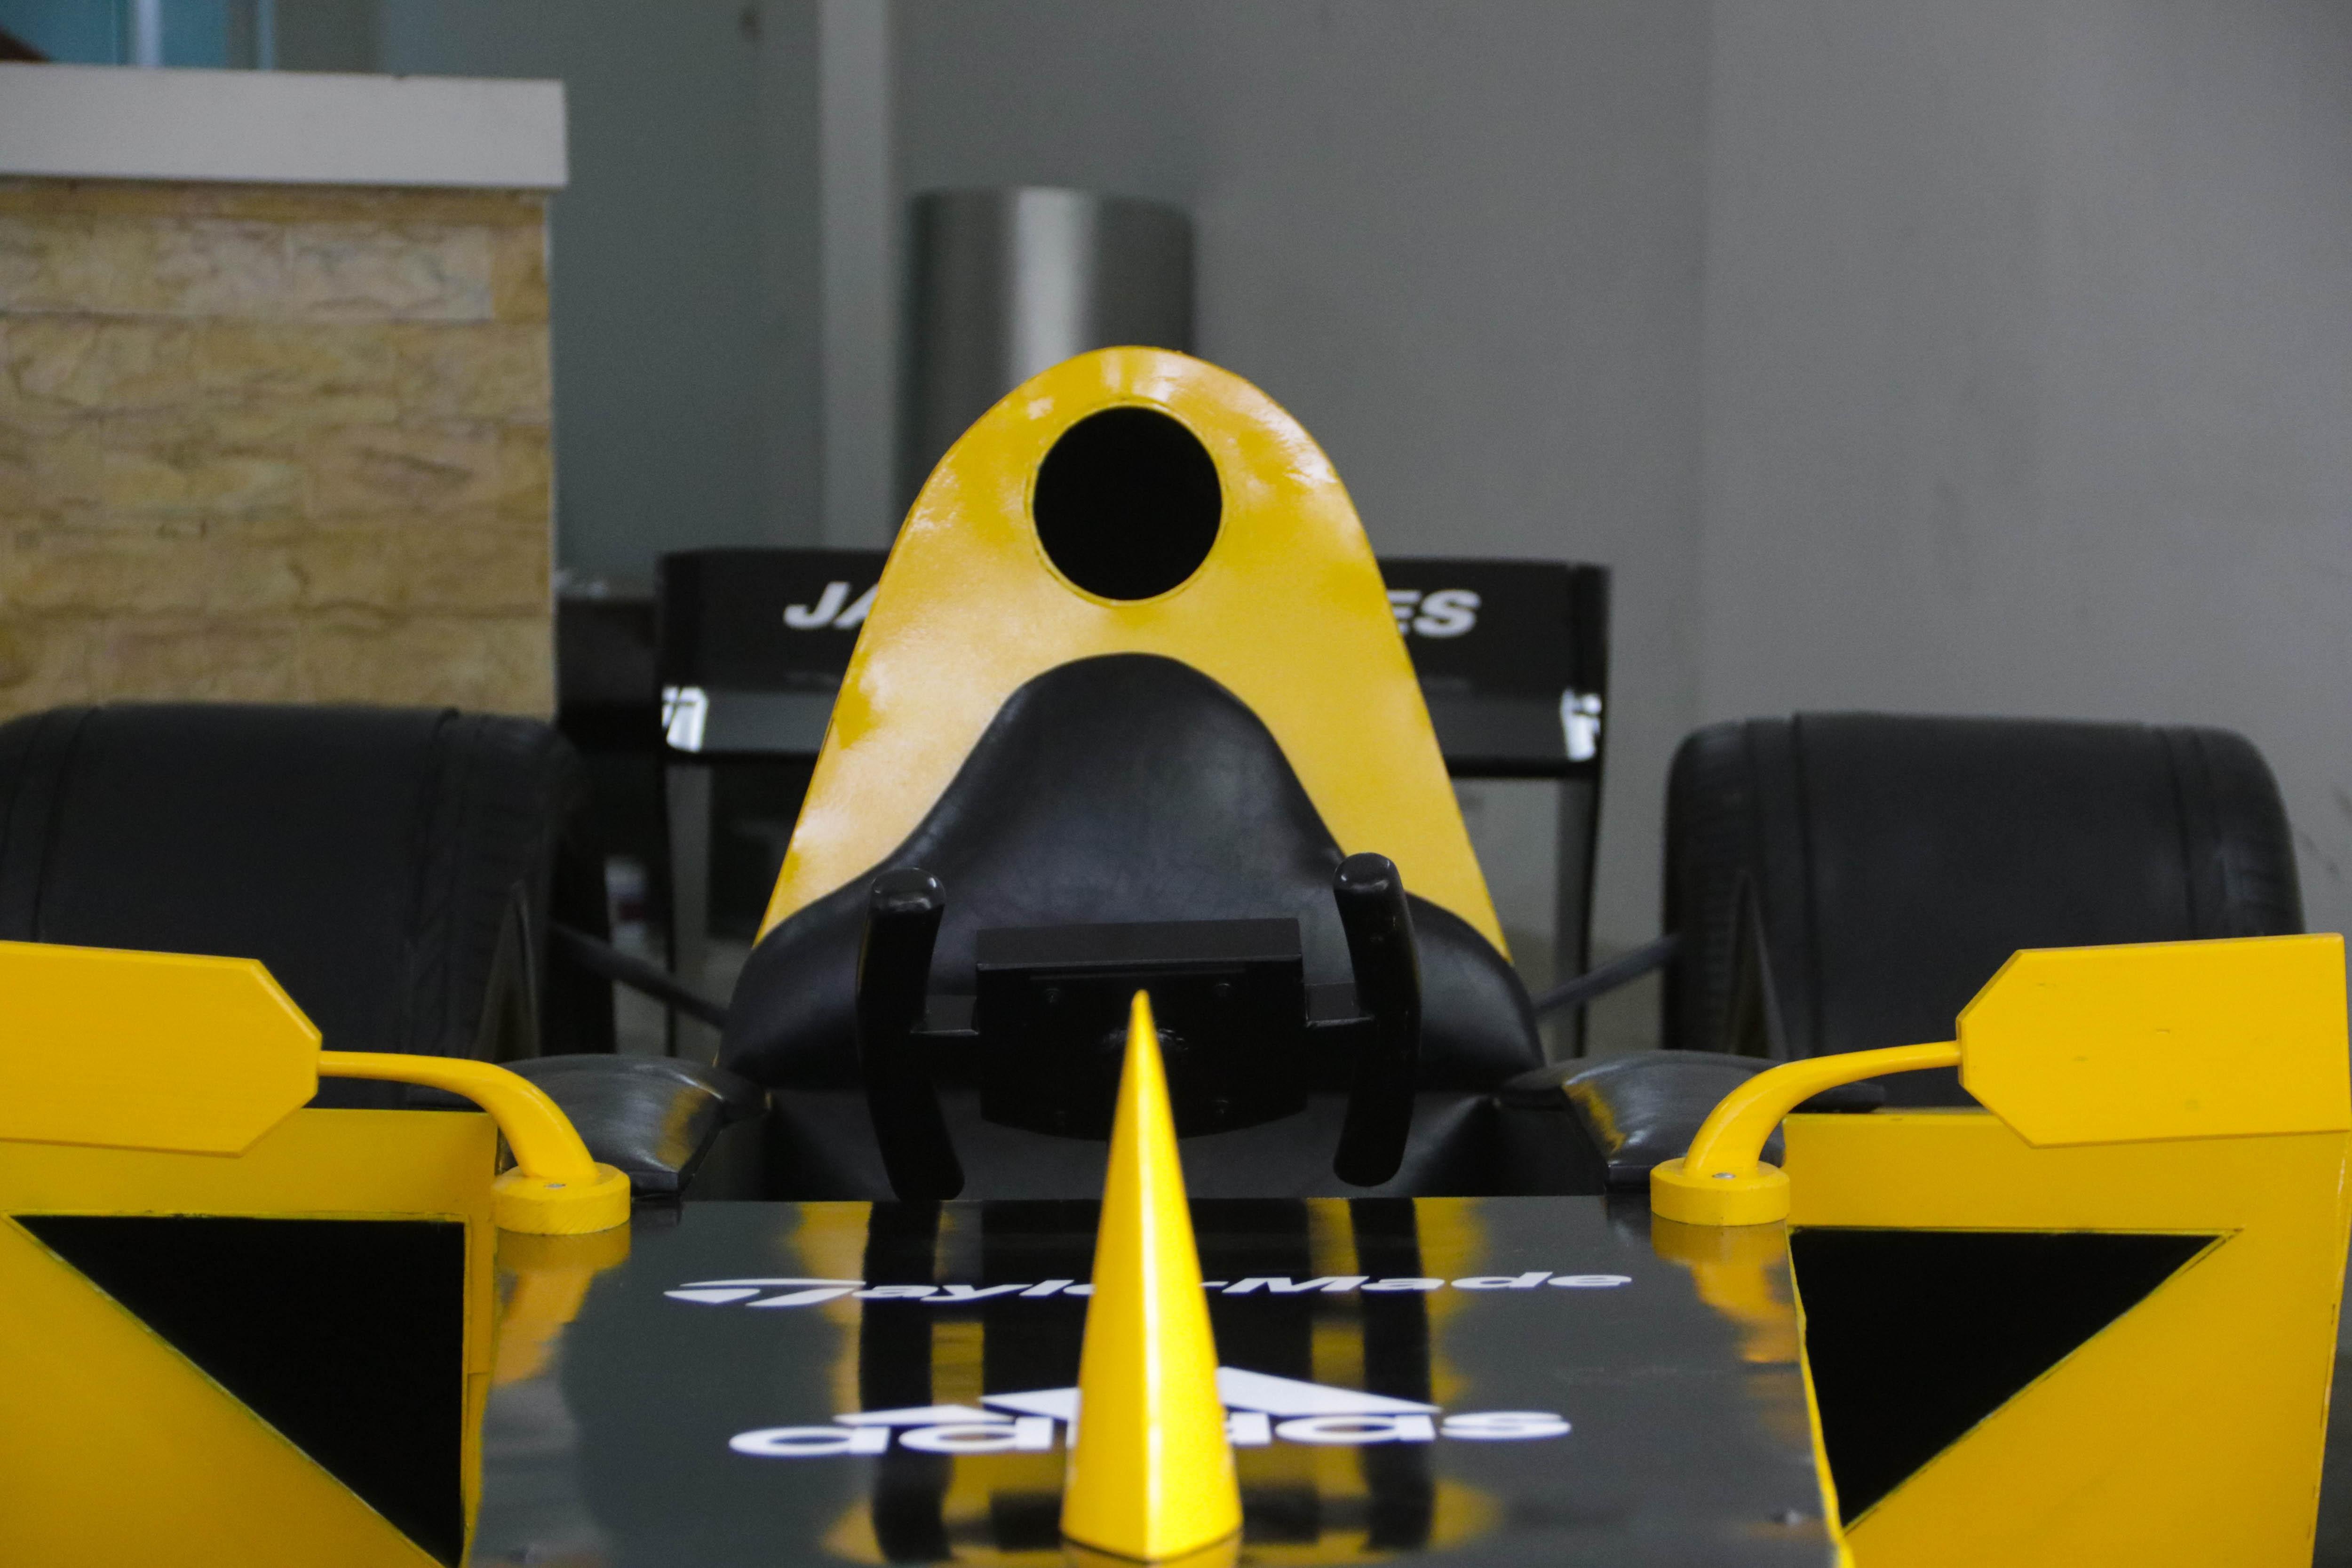 Hụt xem giải F1 tại Hà Nội, fan bỏ 50 triệu làm xe đua mô hình - 7